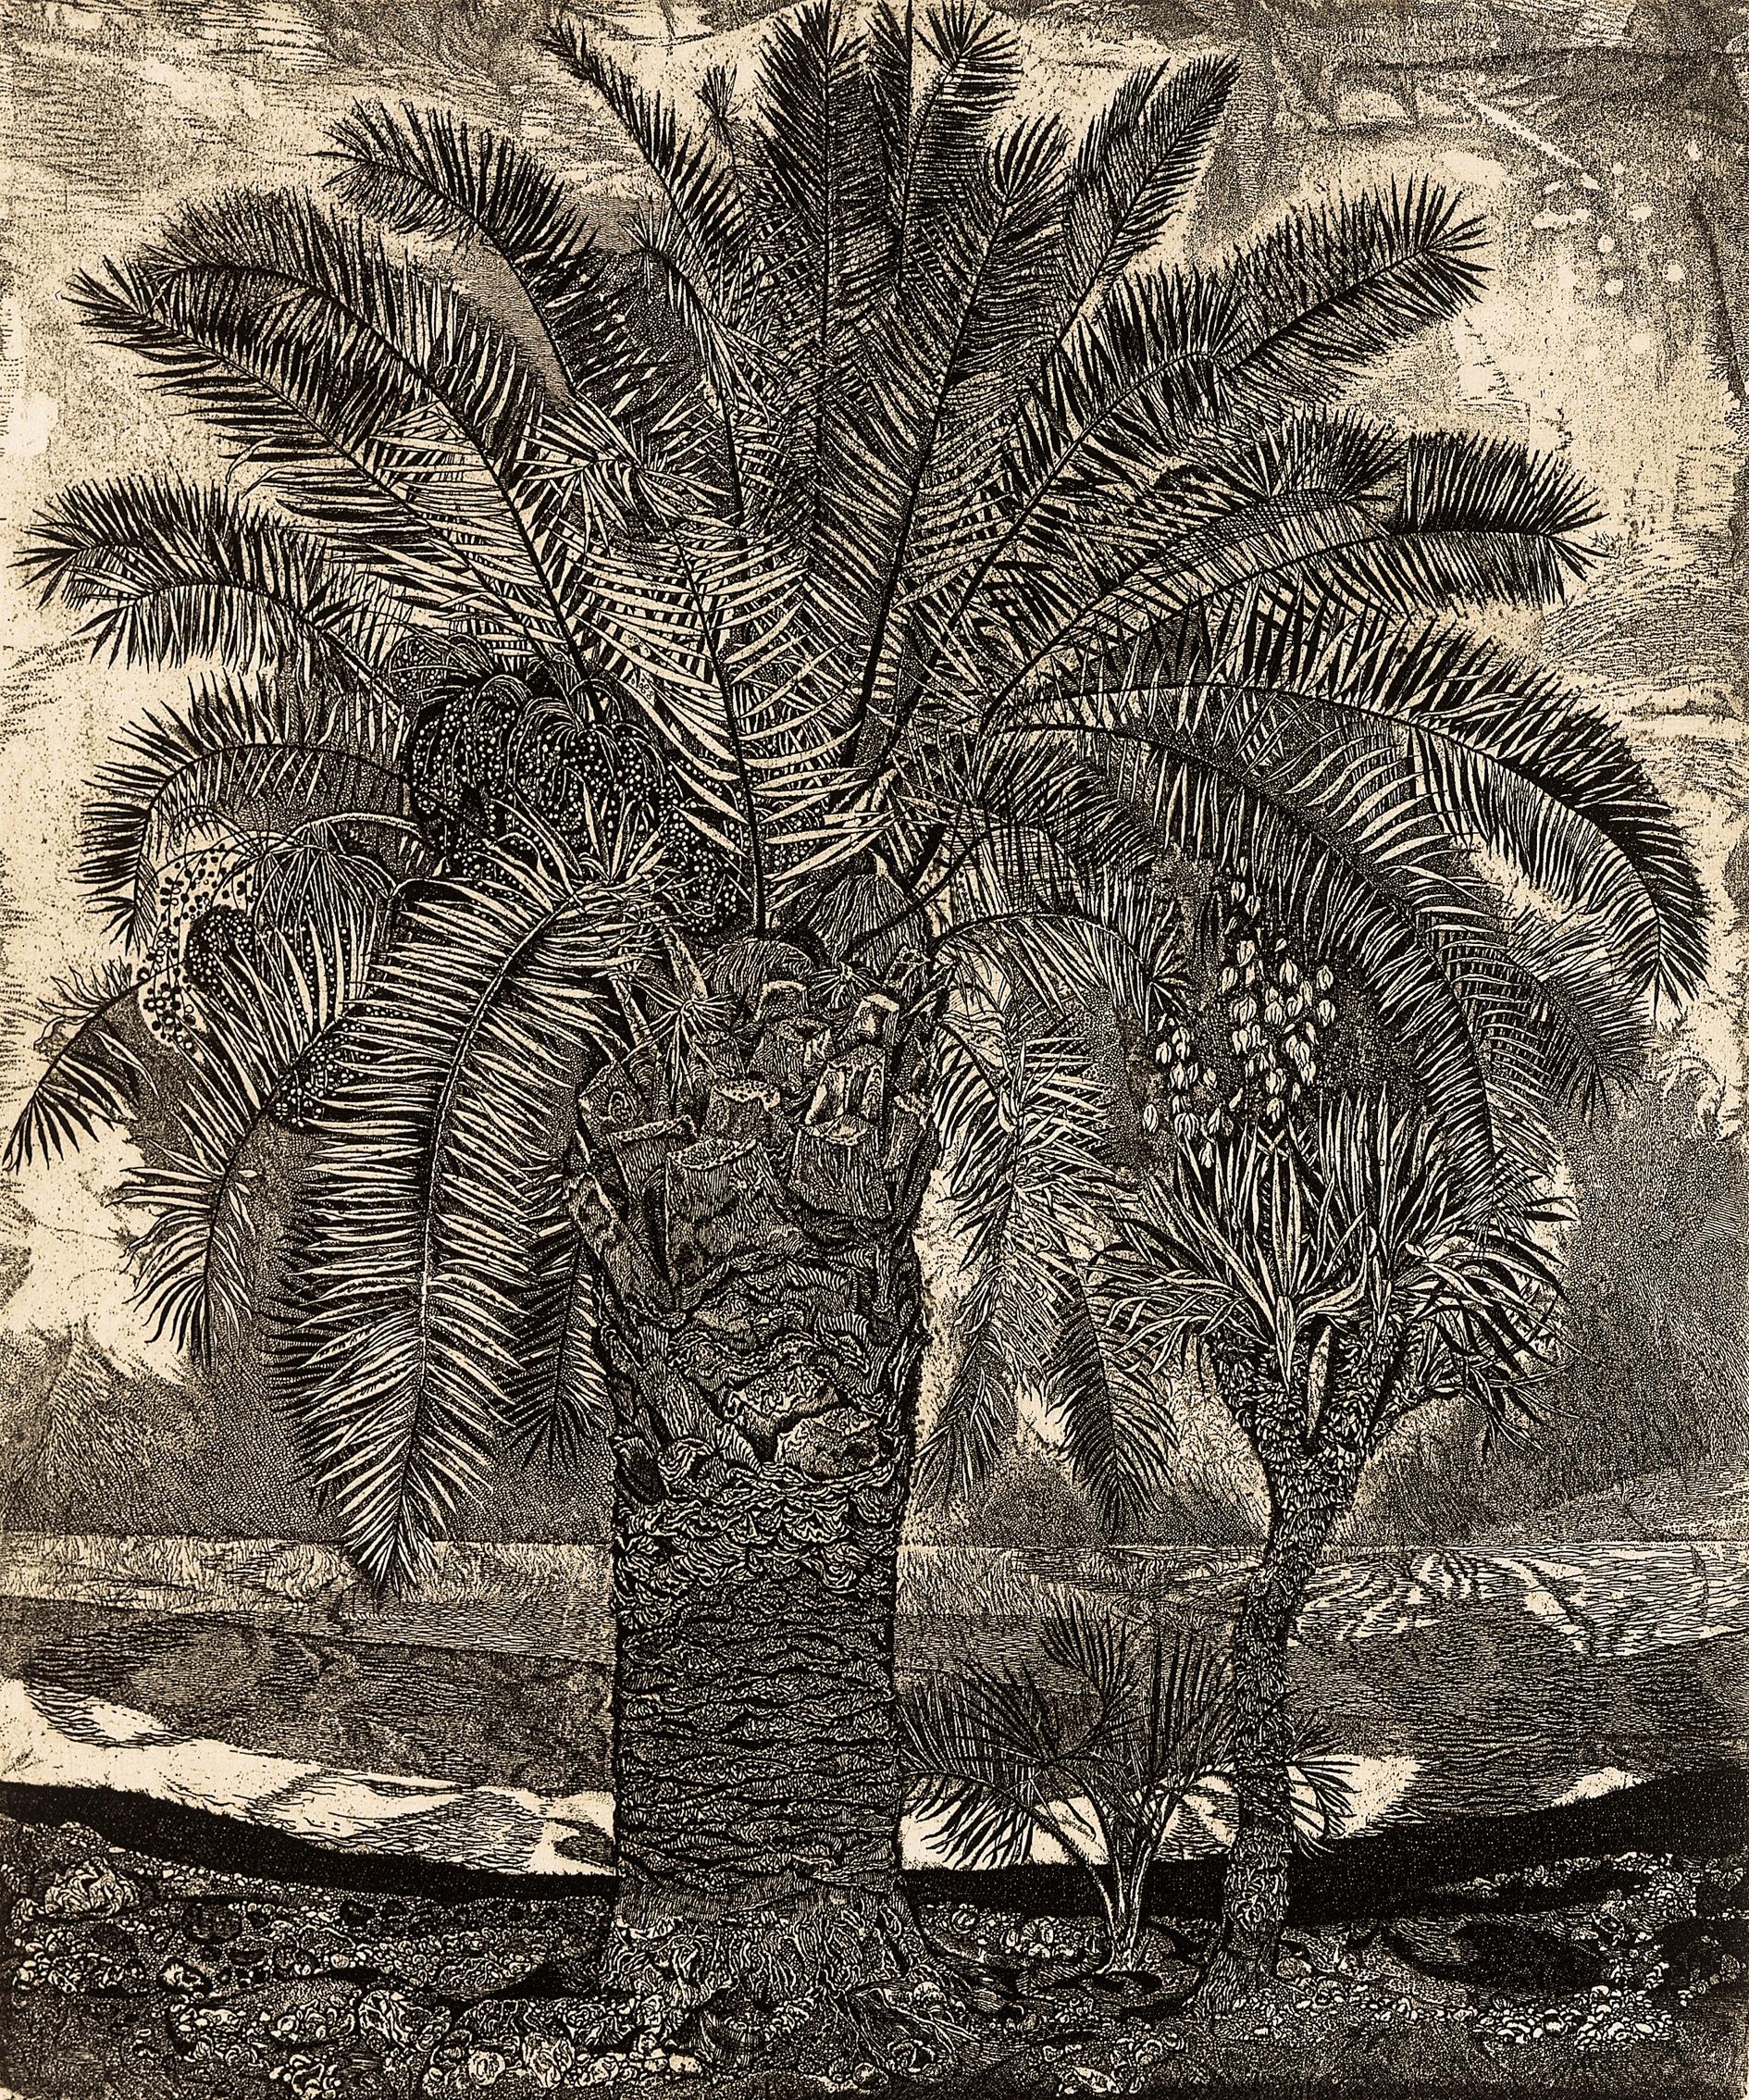 Palm-tree. Gagra